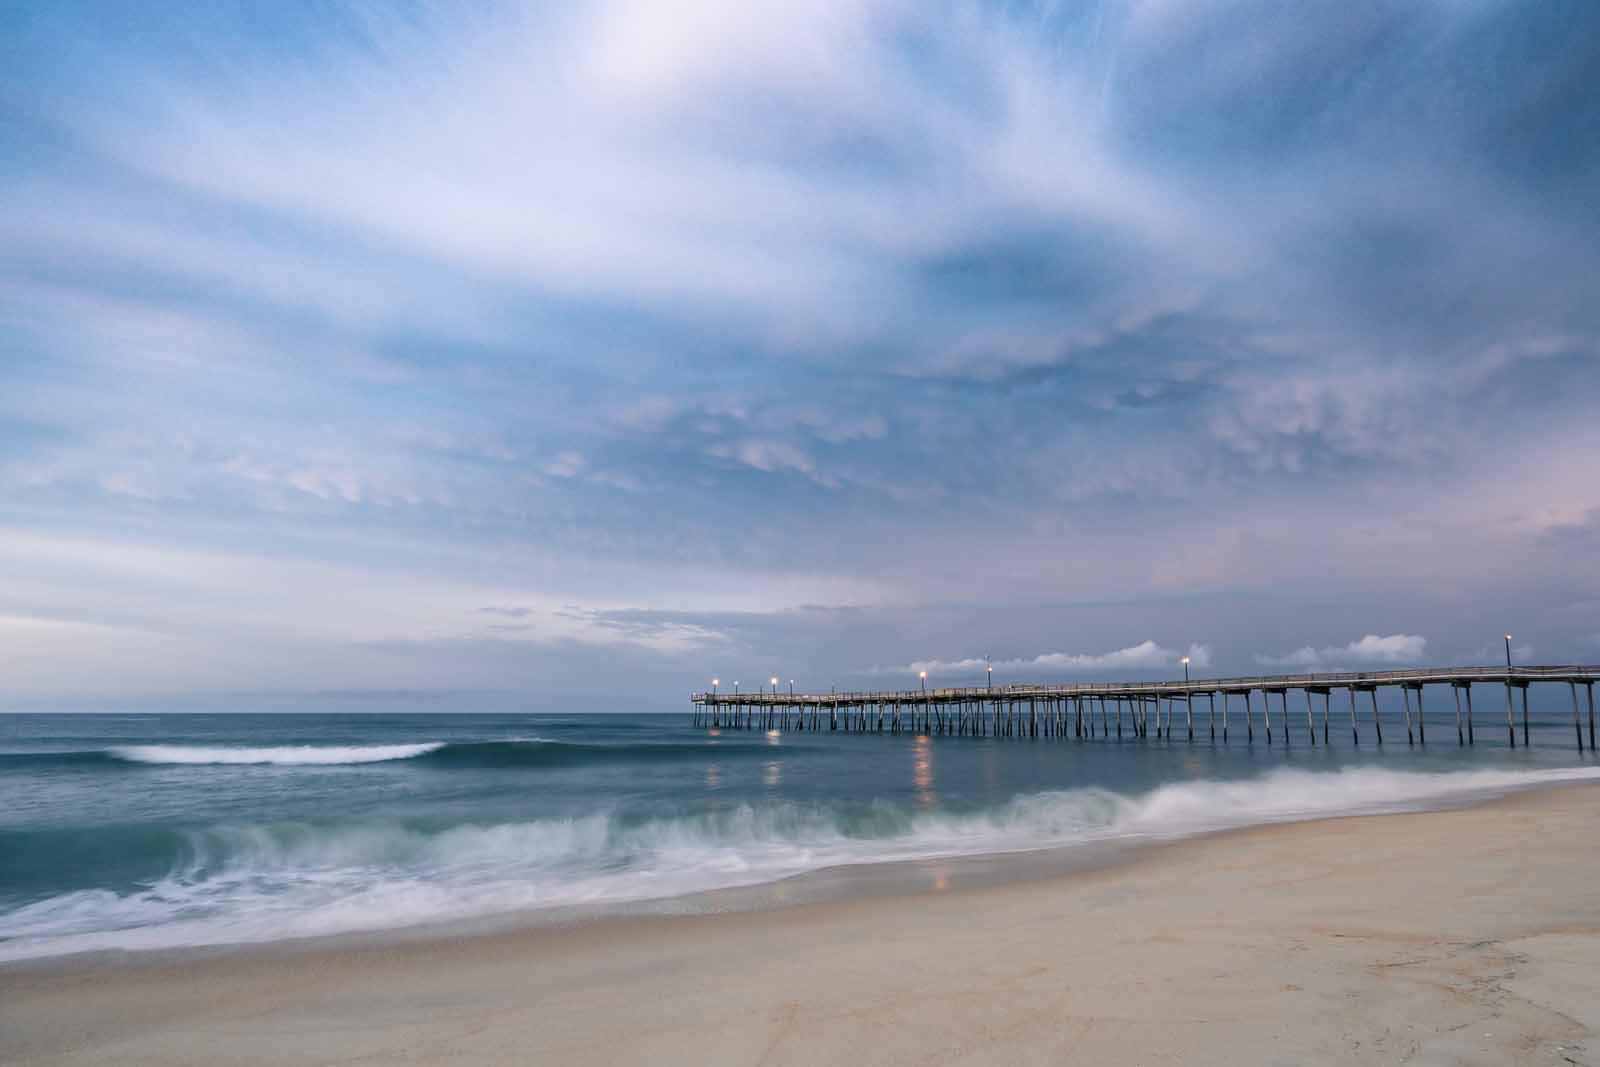 landscape photography long exposure at Avon pier